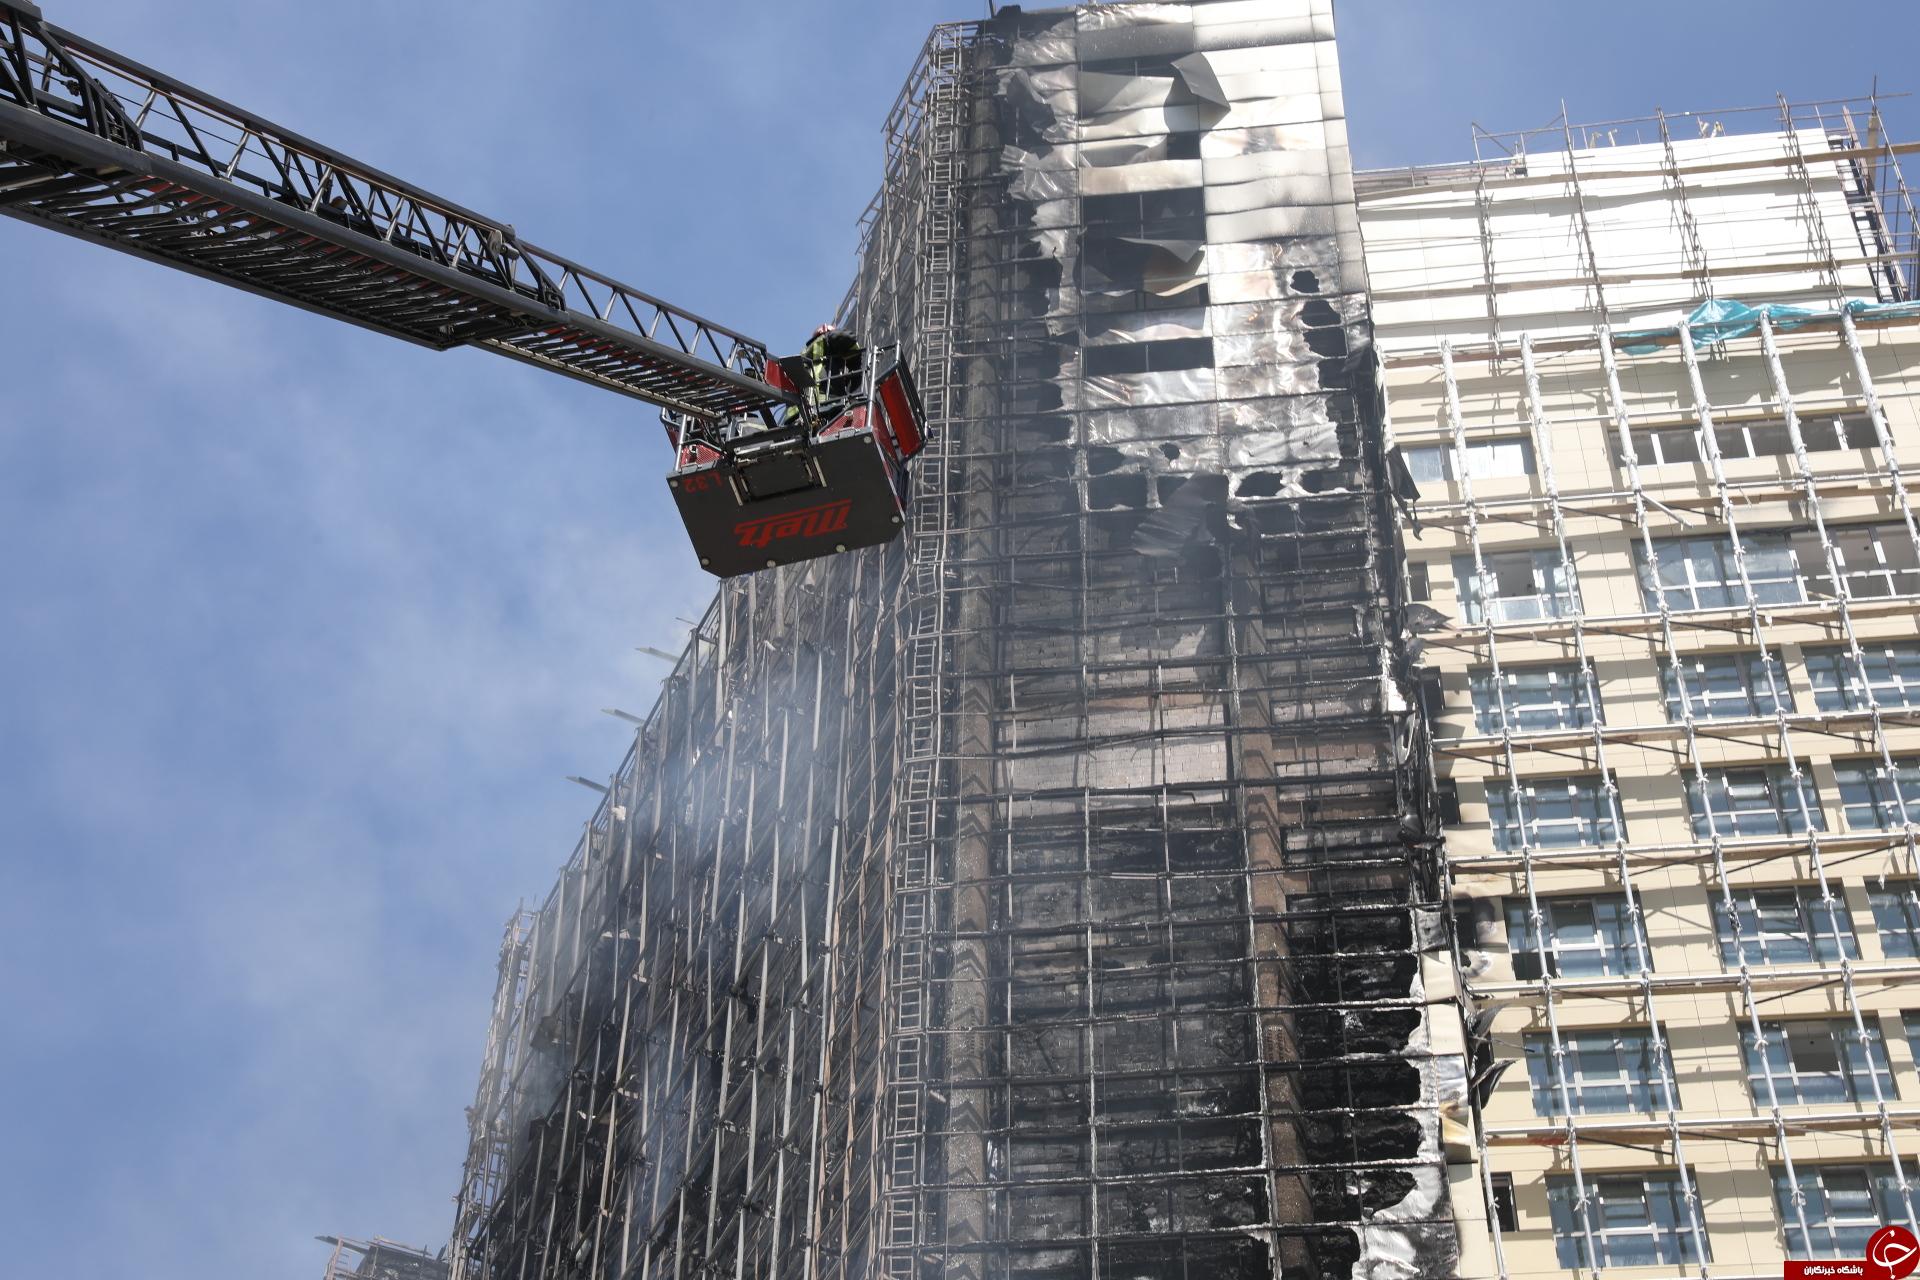 تصاویری از آتش سوزی هتل روتانا در مشهد